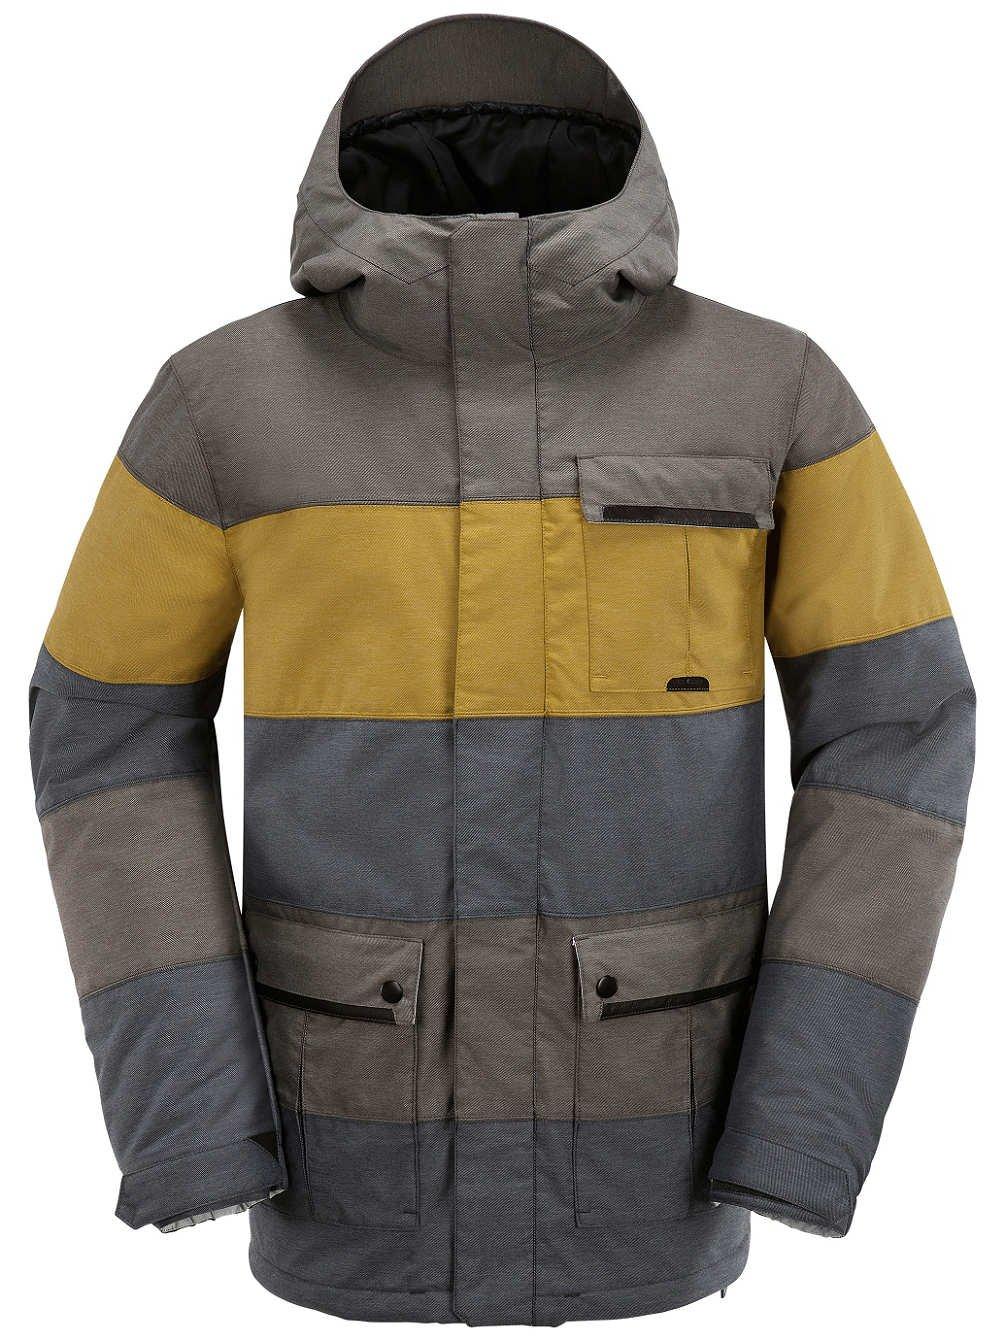 Herren Snowboard Jacke Volcom Captain Ins Jacket